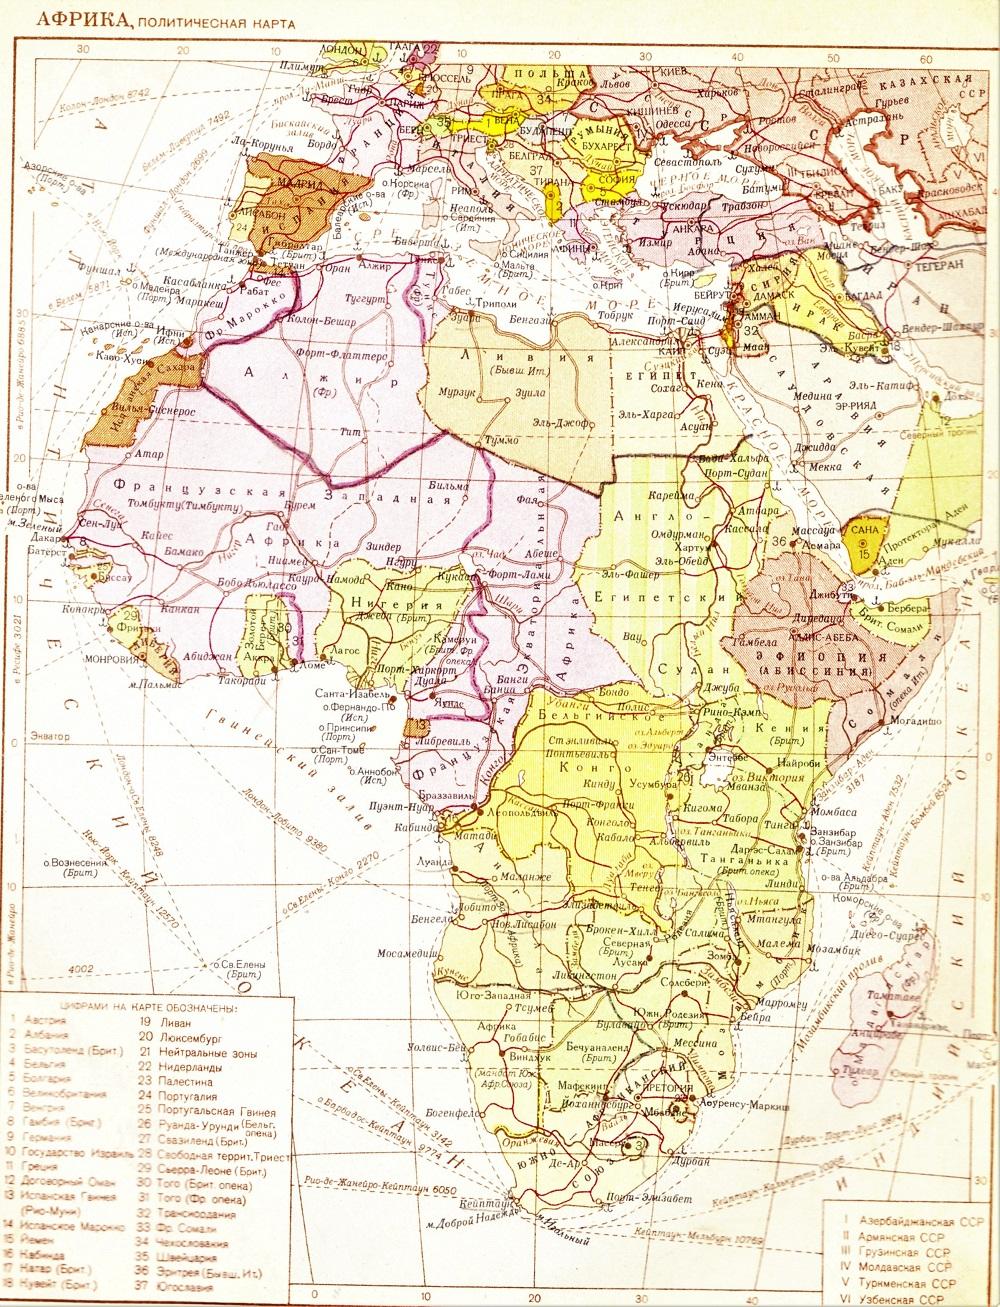 Африка по версии словаря 1953 года.